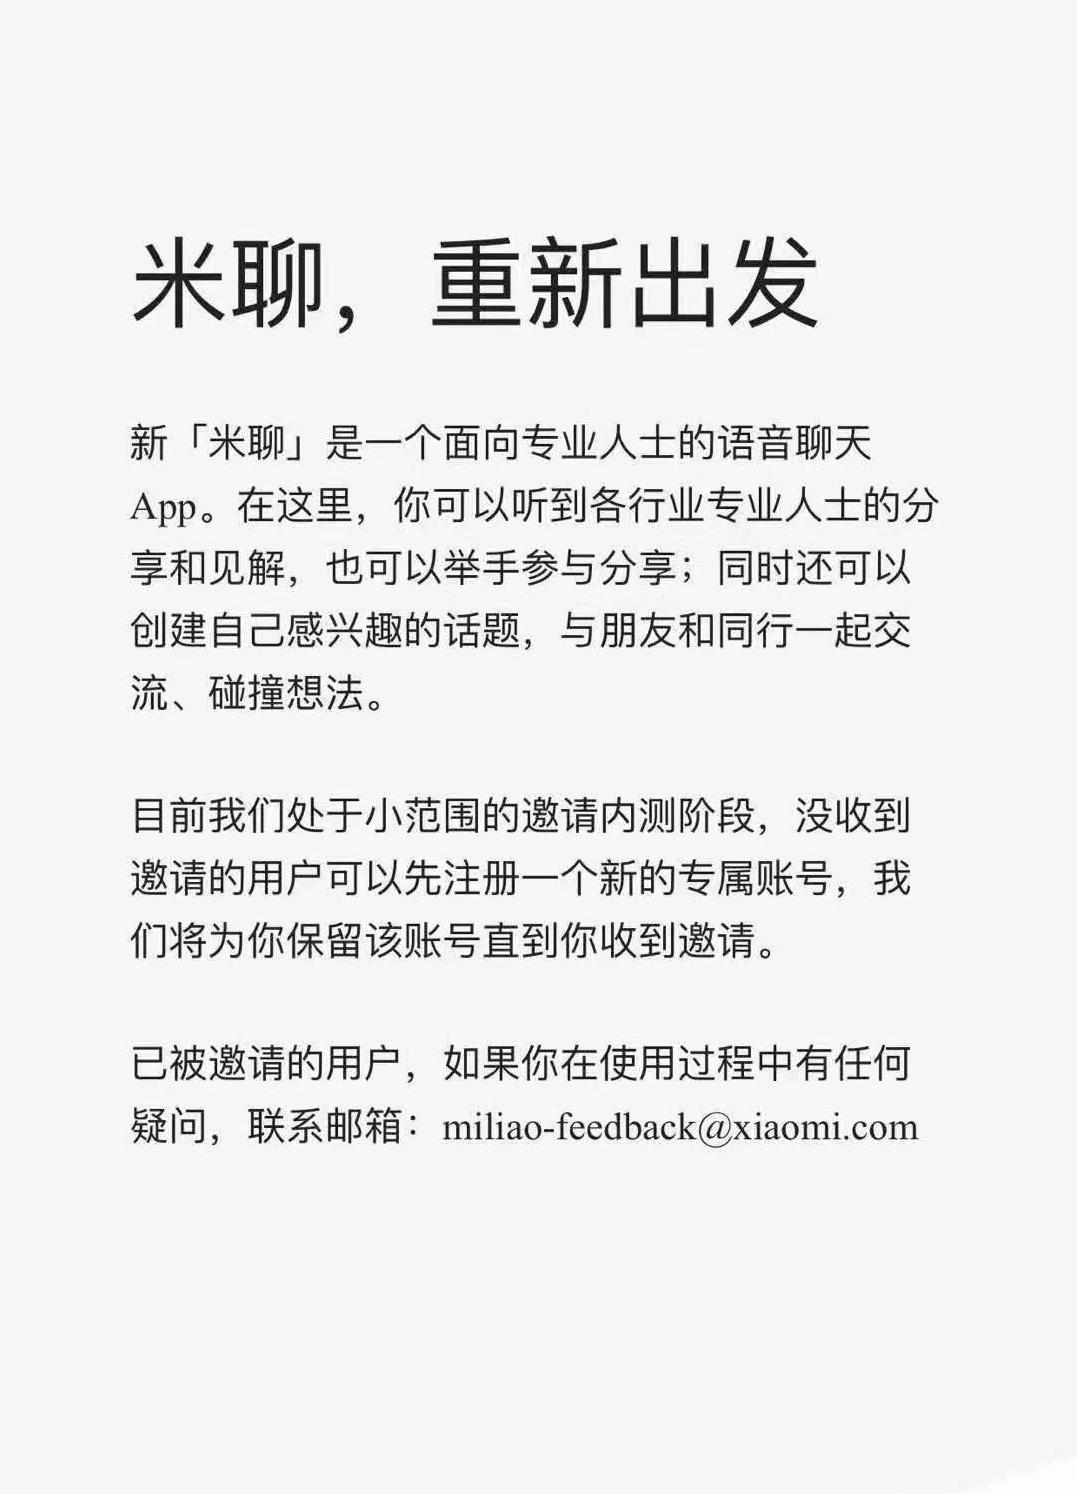 """米聊关停不到一周宣布""""复活"""" ,打造中国版Clubhouse"""